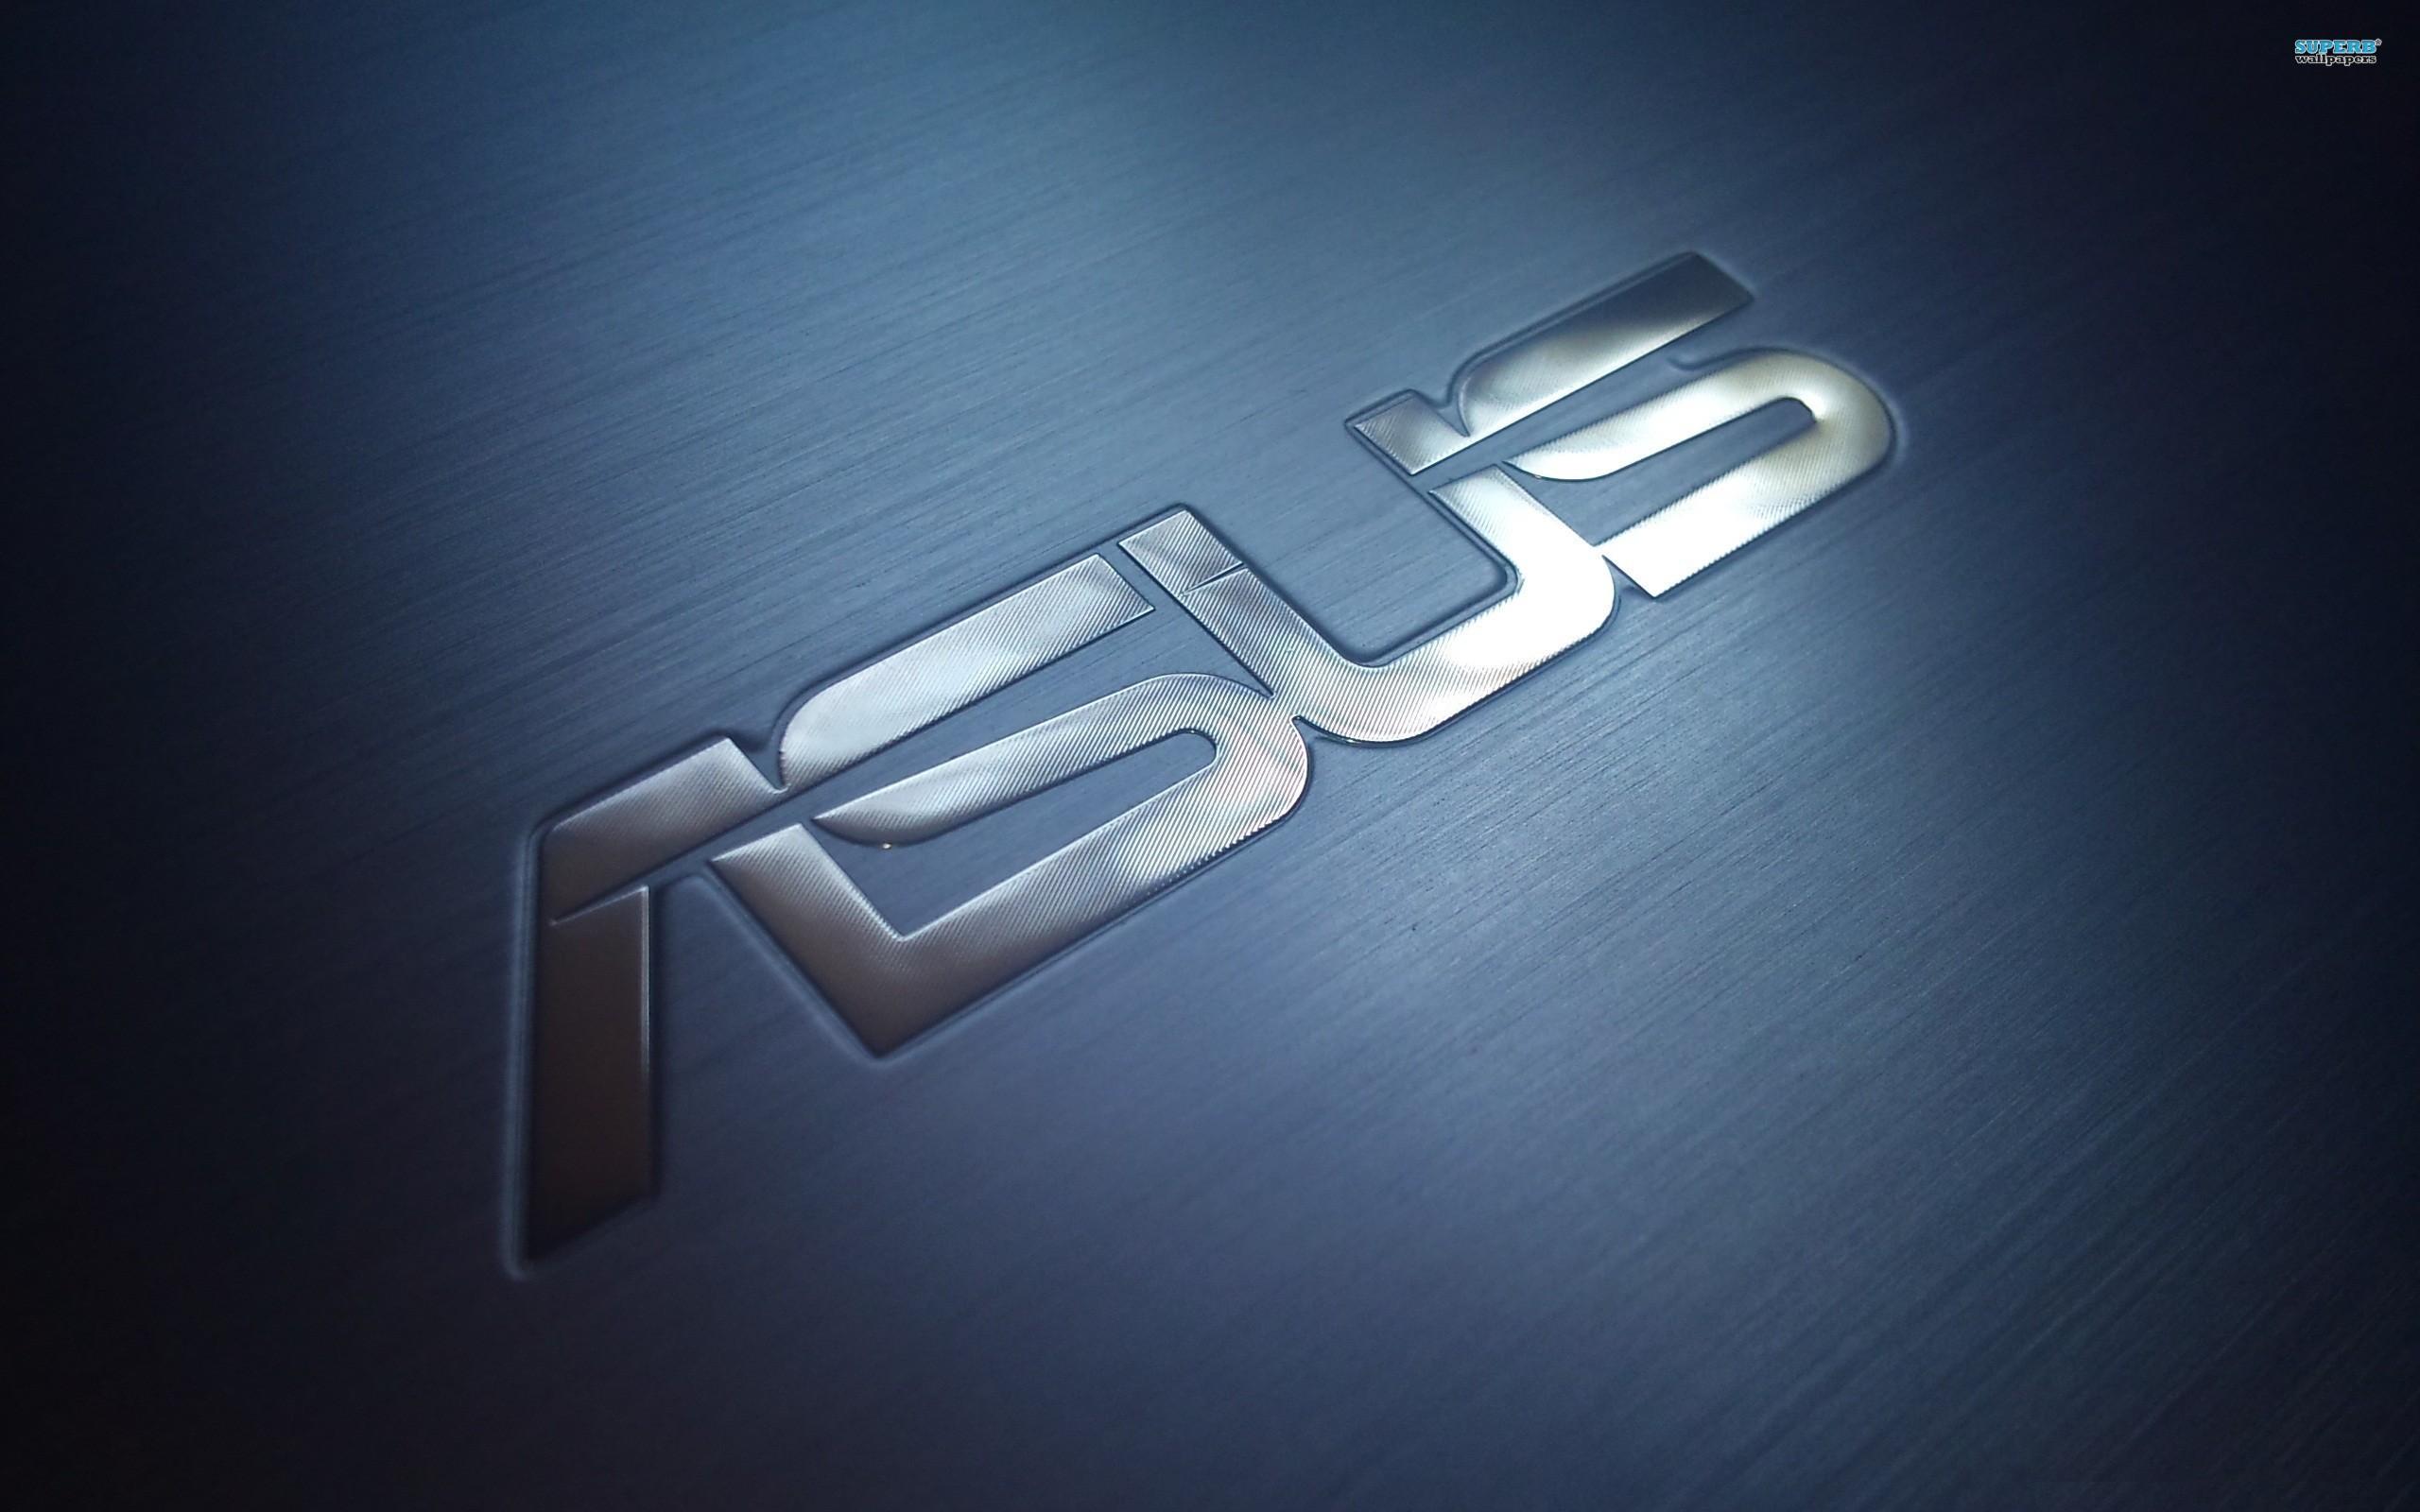 Fonds d'écran Asus PC et Tablettes (iPad, etc...)